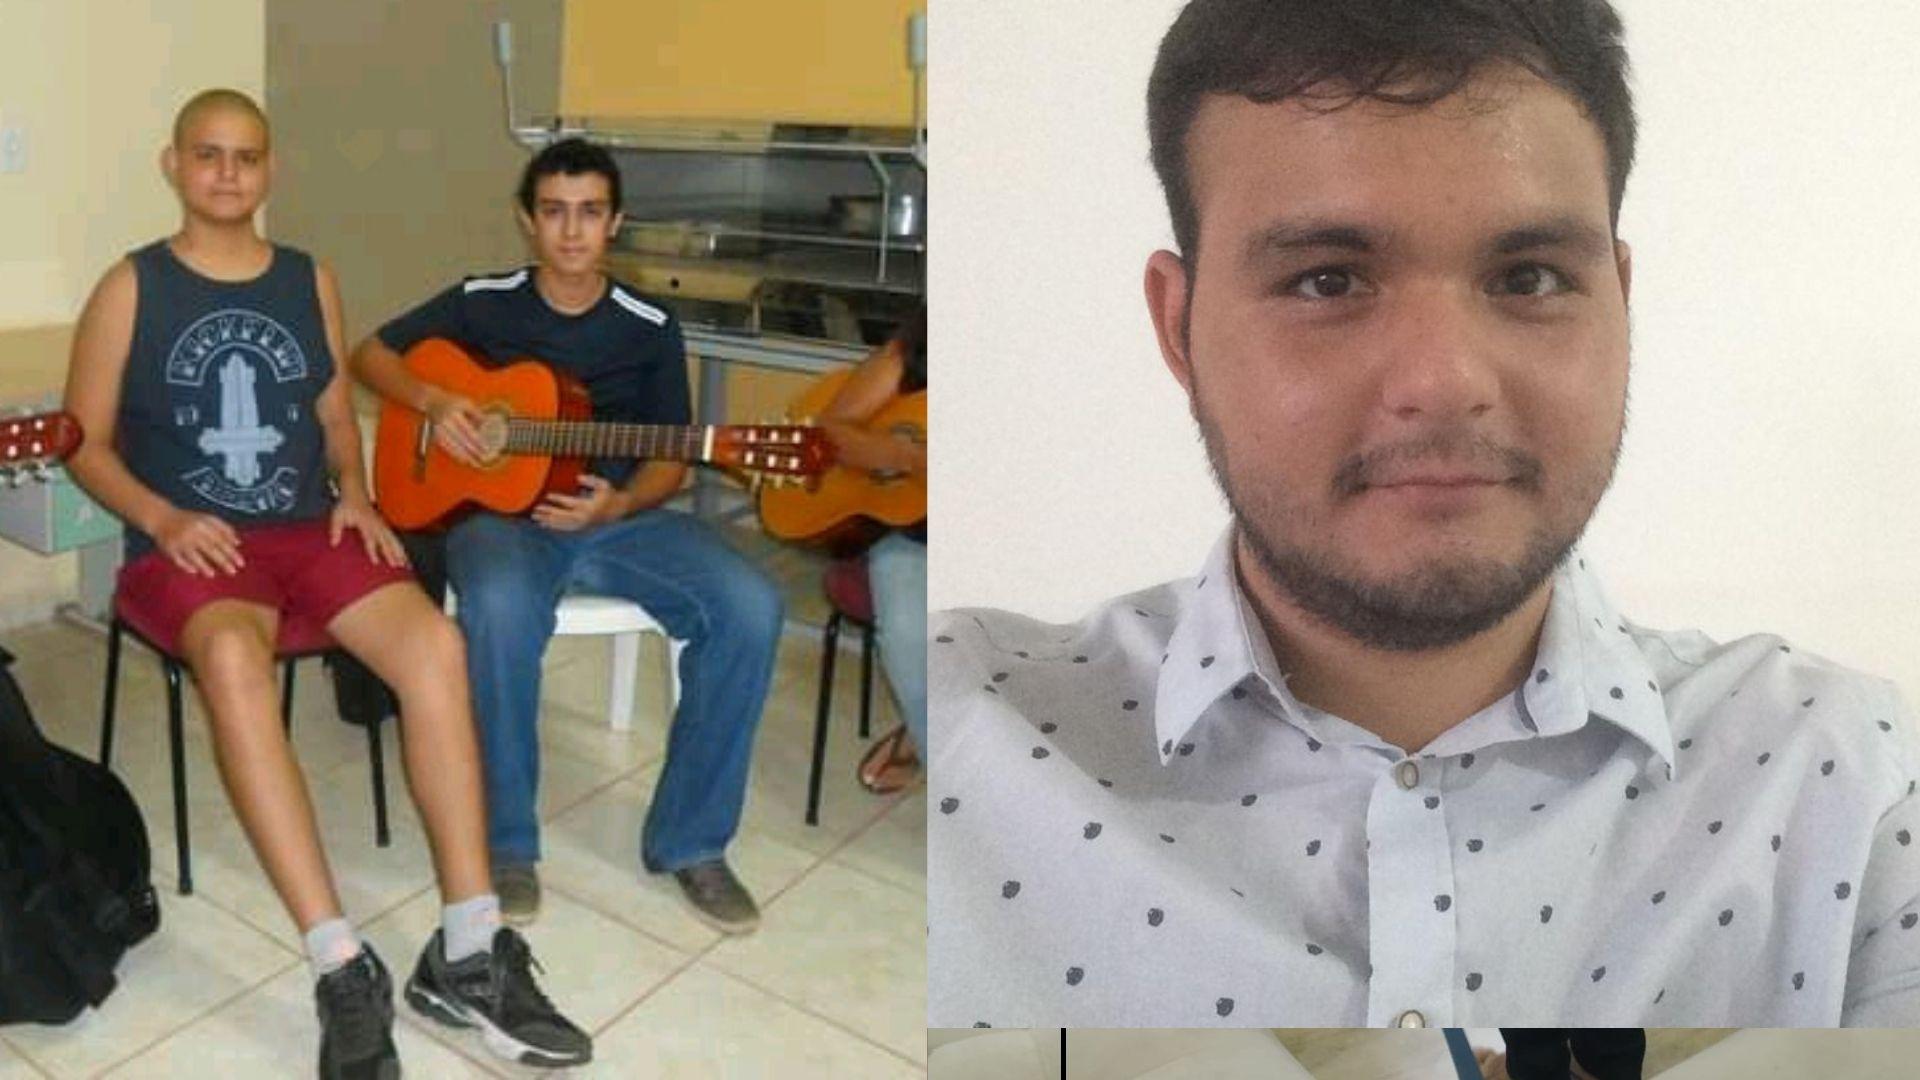 Daniel Sales de Almeida recebeu ajuda do Caaf durante o tratamento da leucemia e frequentou o curso de violão. Fotos: Arquivo Pessoal